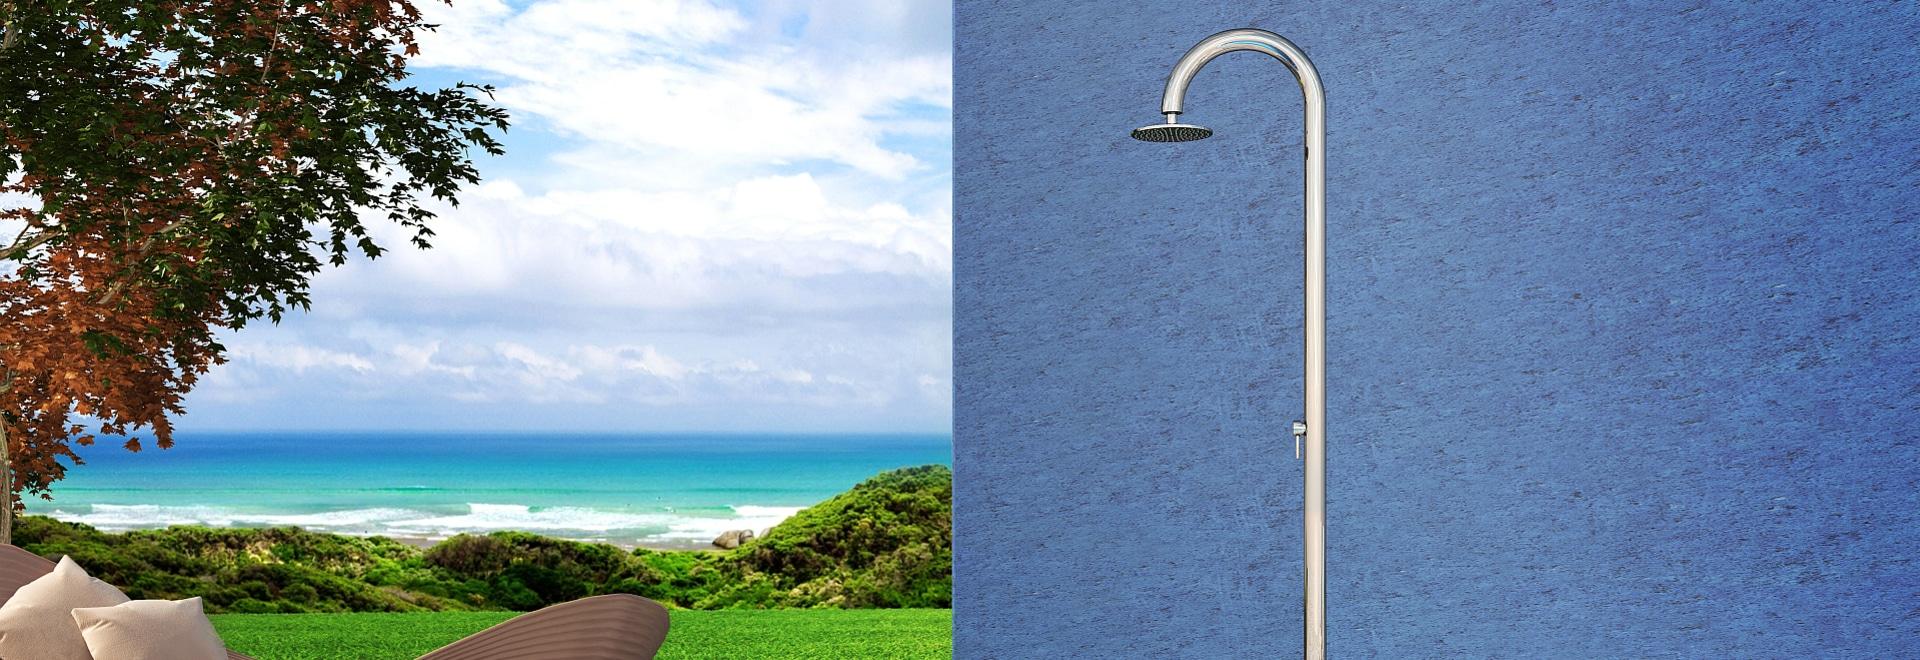 Inoxstyle-Sohle 60 M Beauty - nautischdusche des Edelstahls im Freien für Swimmingpool und Garten